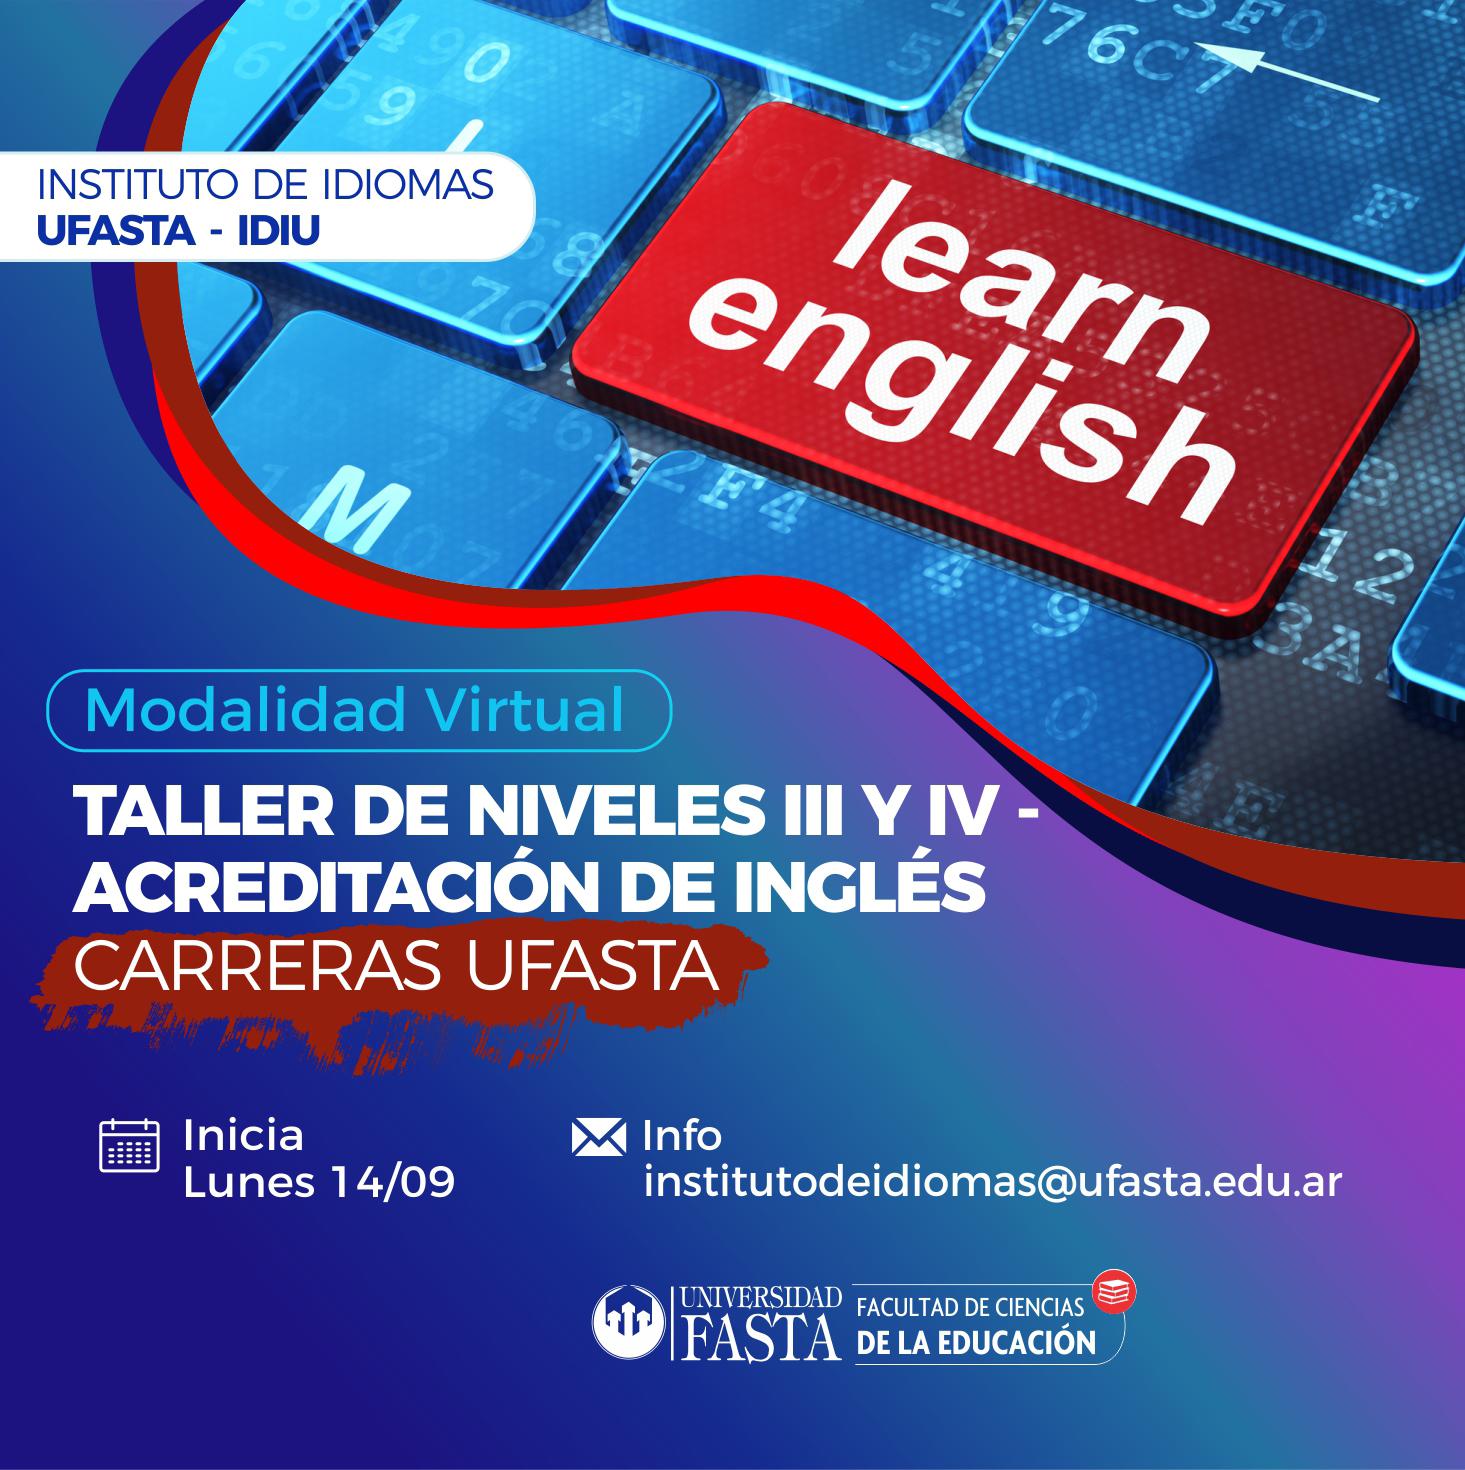 Taller de Niveles III y IV de Inglés para Acreditación de Carreras UFASTA